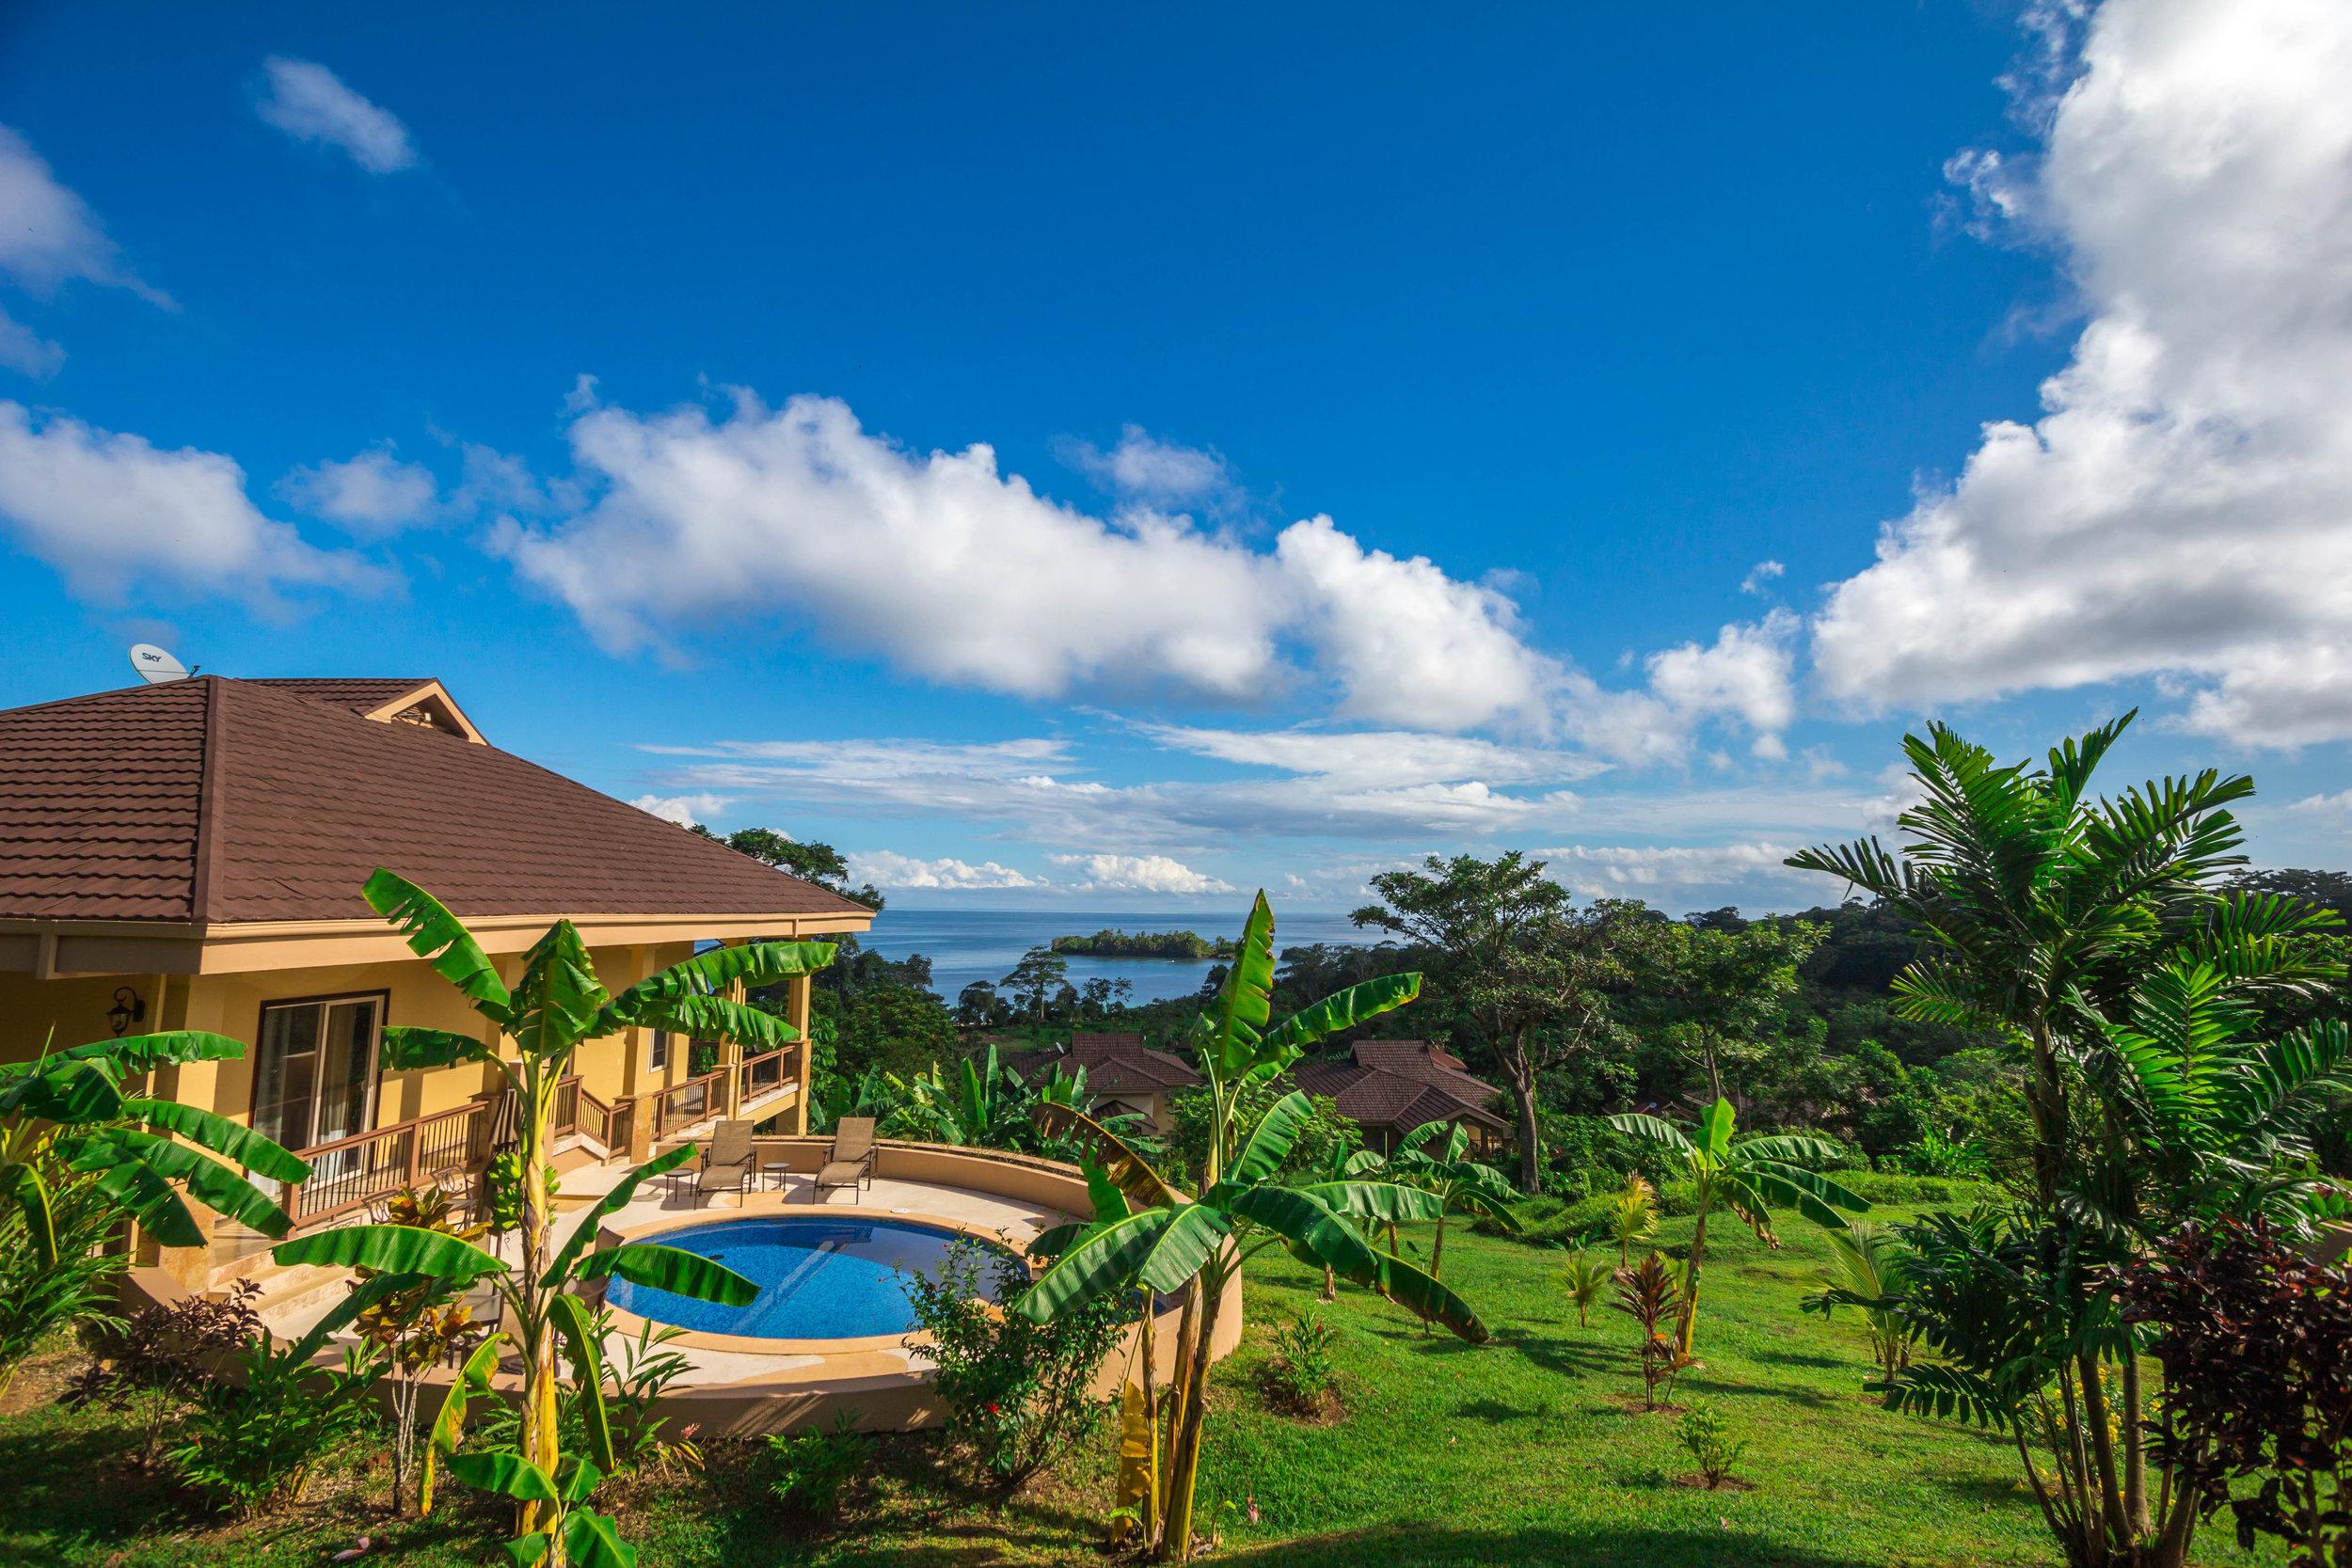 Panams best hotel resort_21.jpg